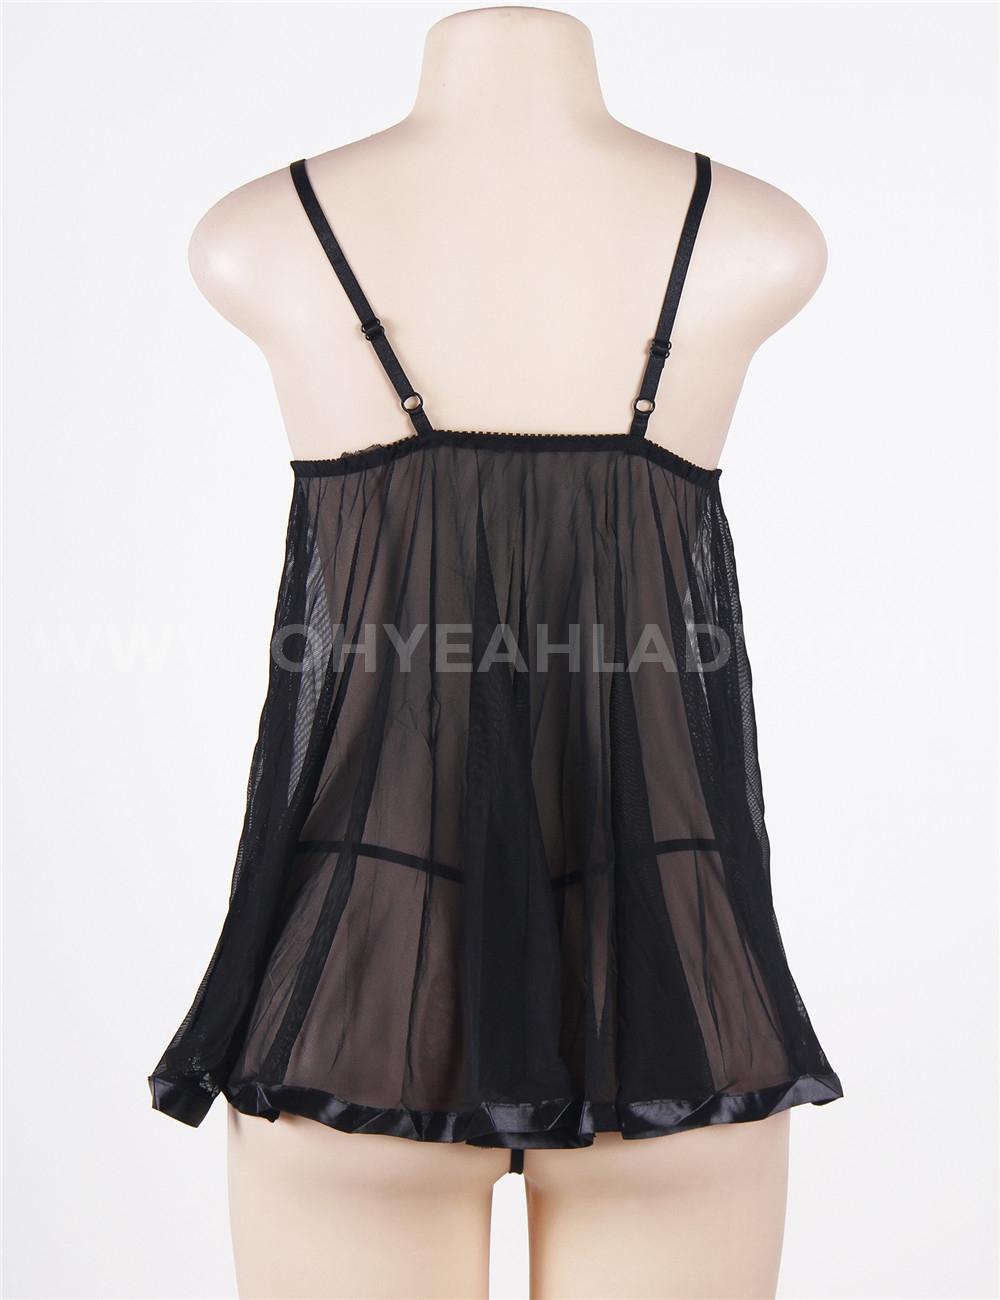 women clothing lingerie